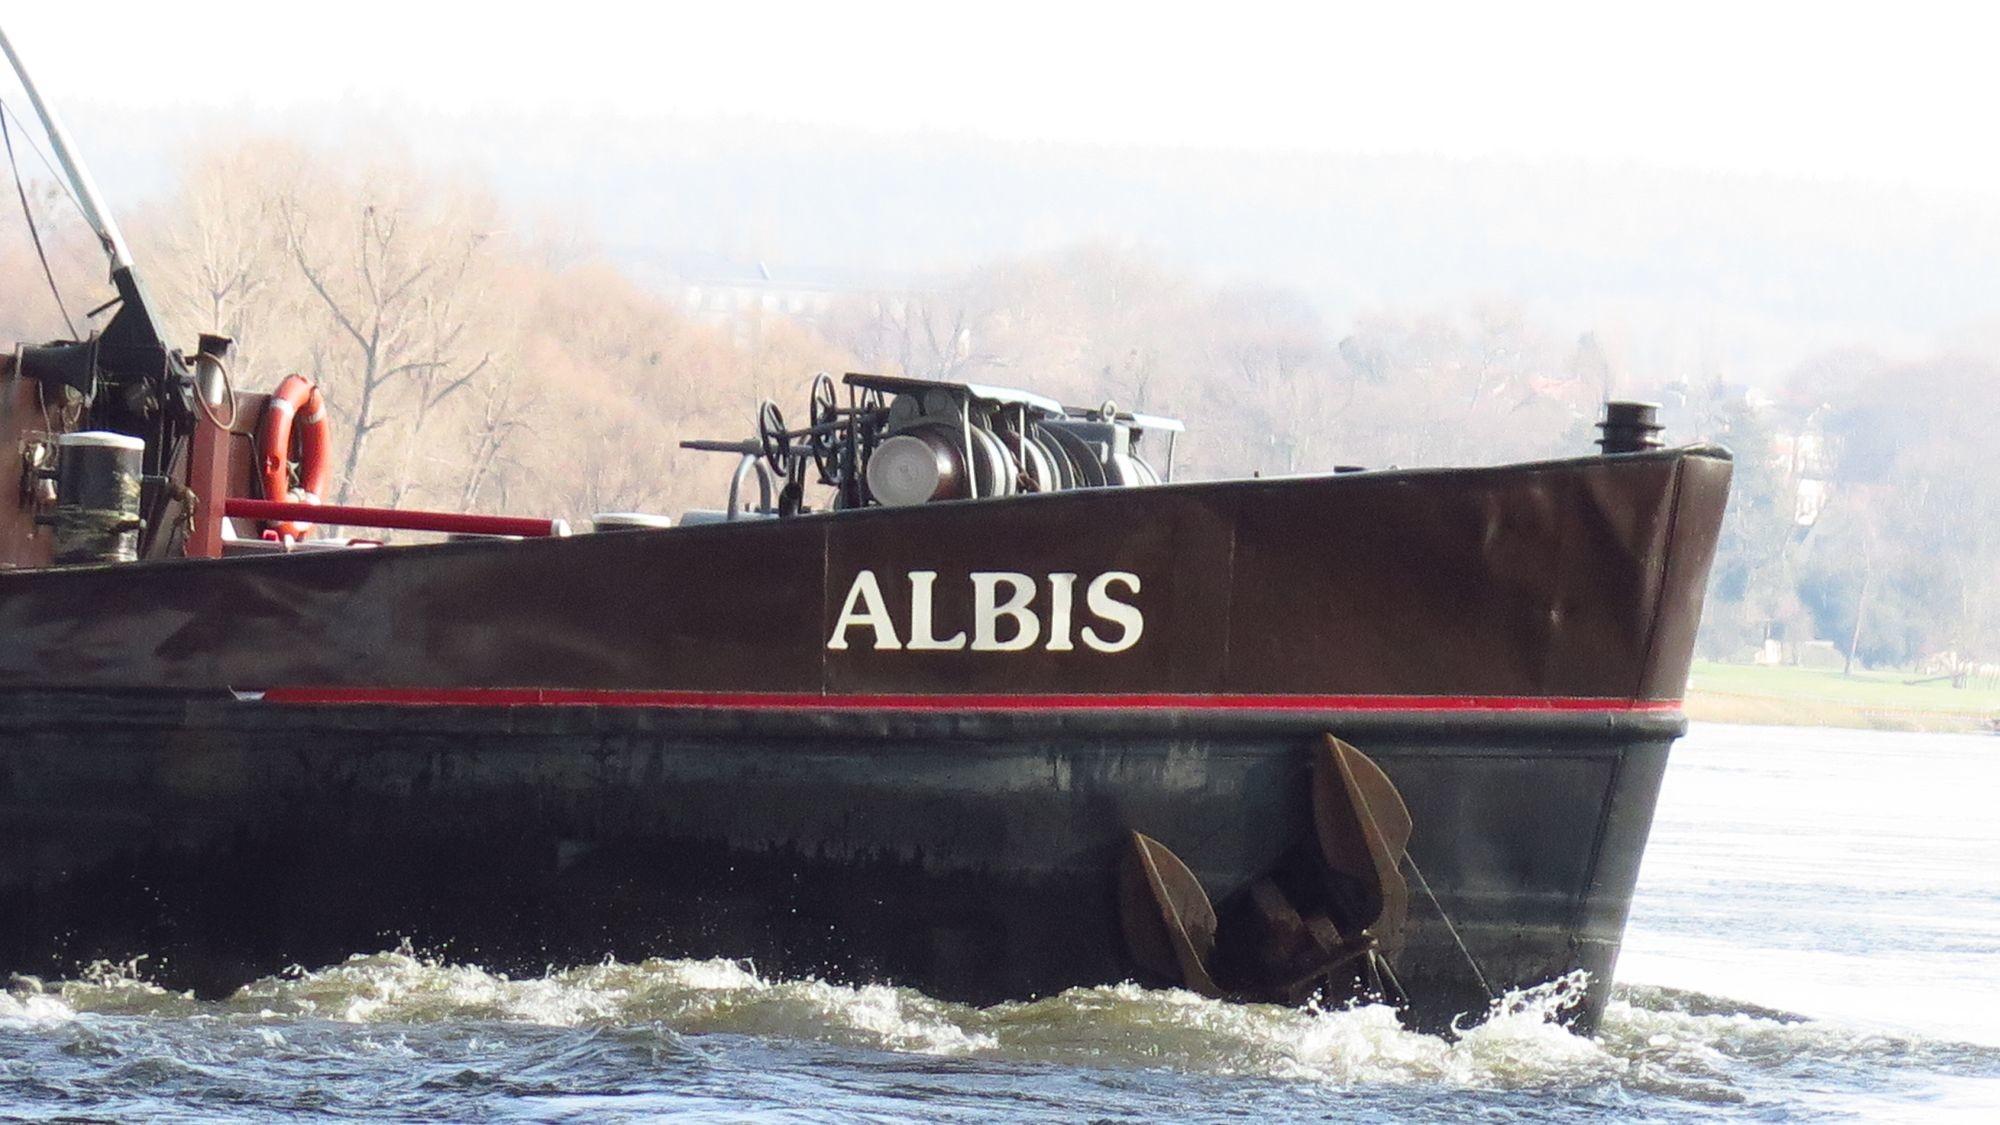 Am Bug des Frachters bilden sich ziemliche Wellen. Aber er liegt derzeit offenbar so fest, dass das stützende Schubschiff abgezogen werden konnte.